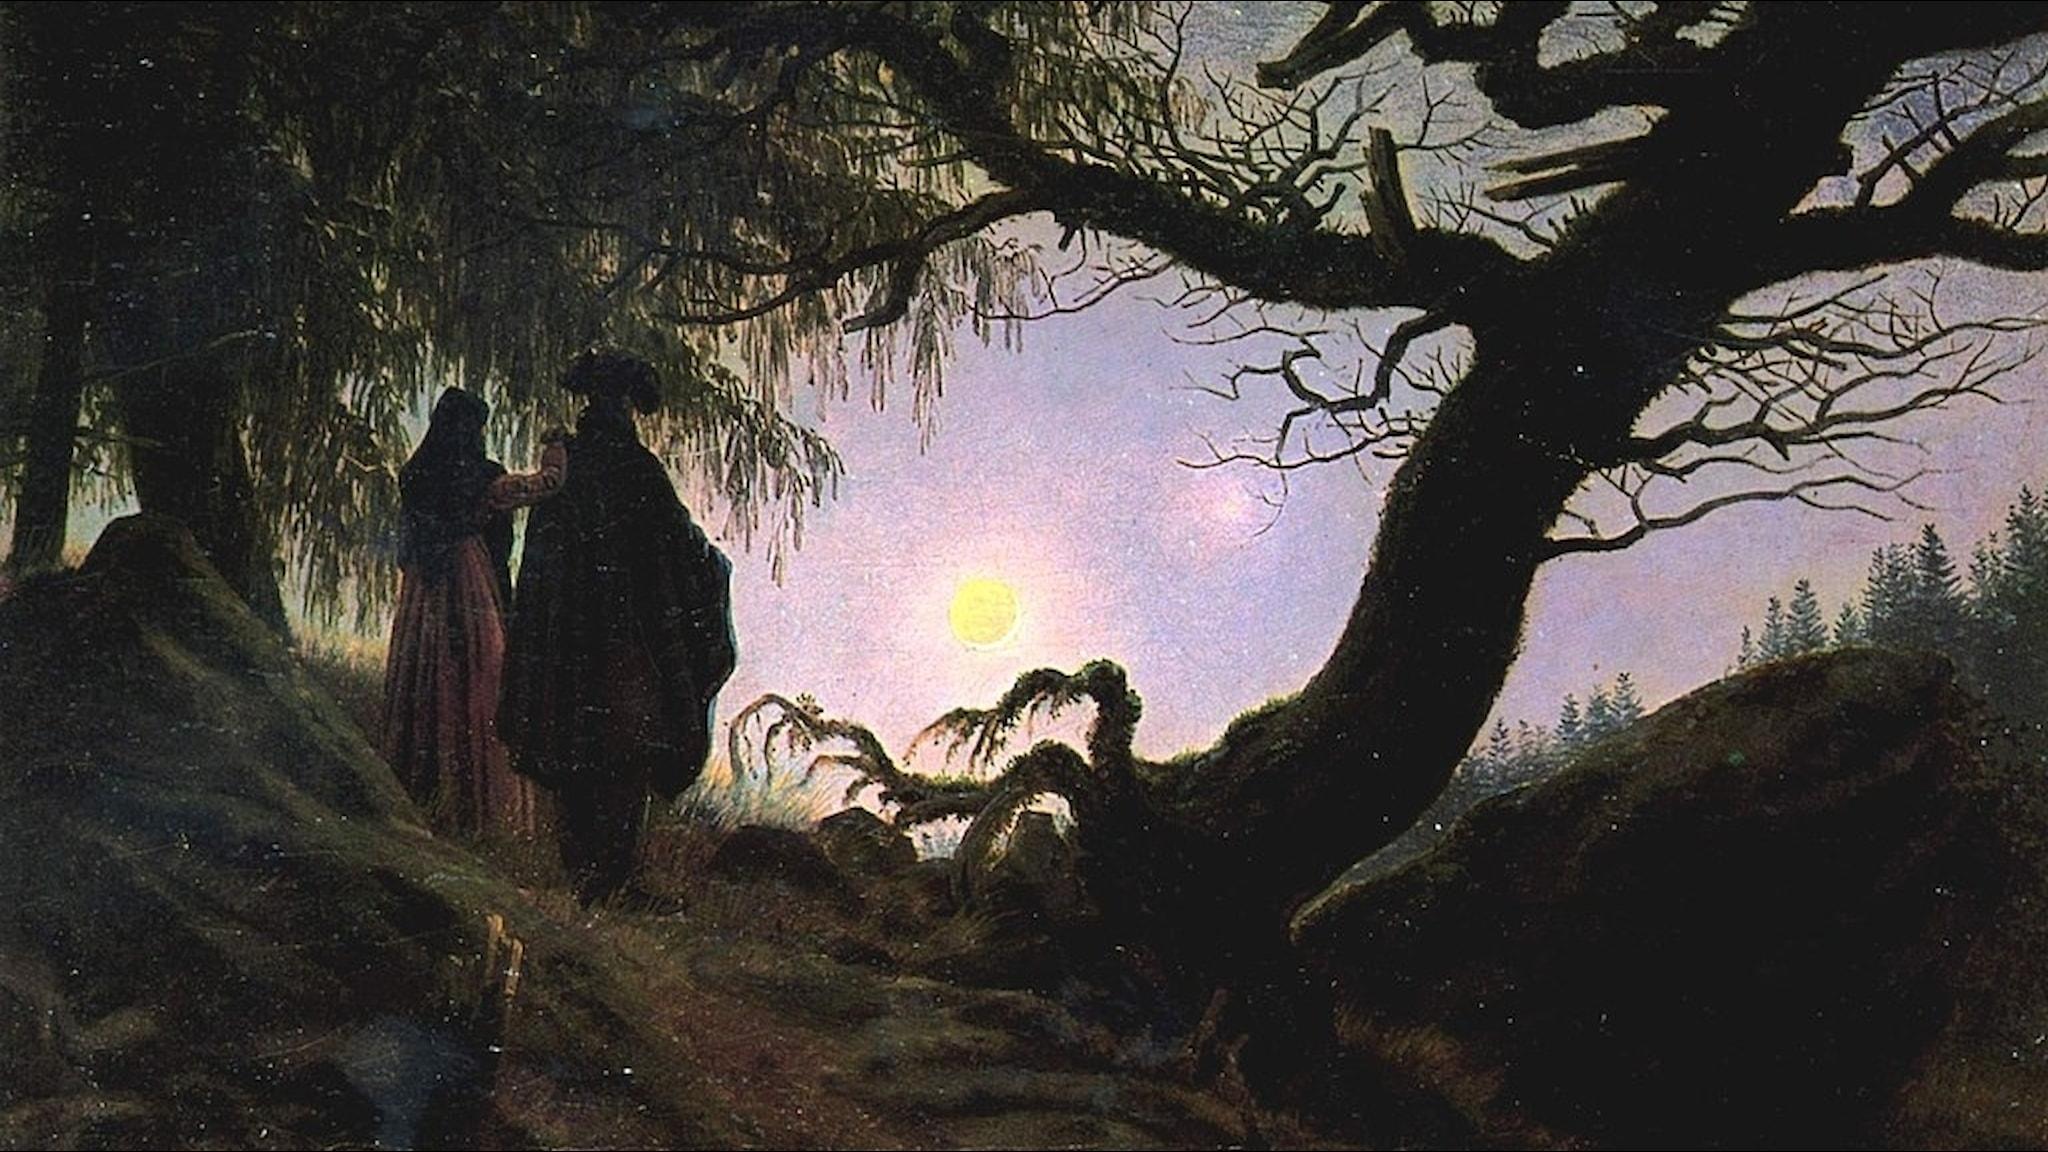 Mann und Frau den Mond betrachtend